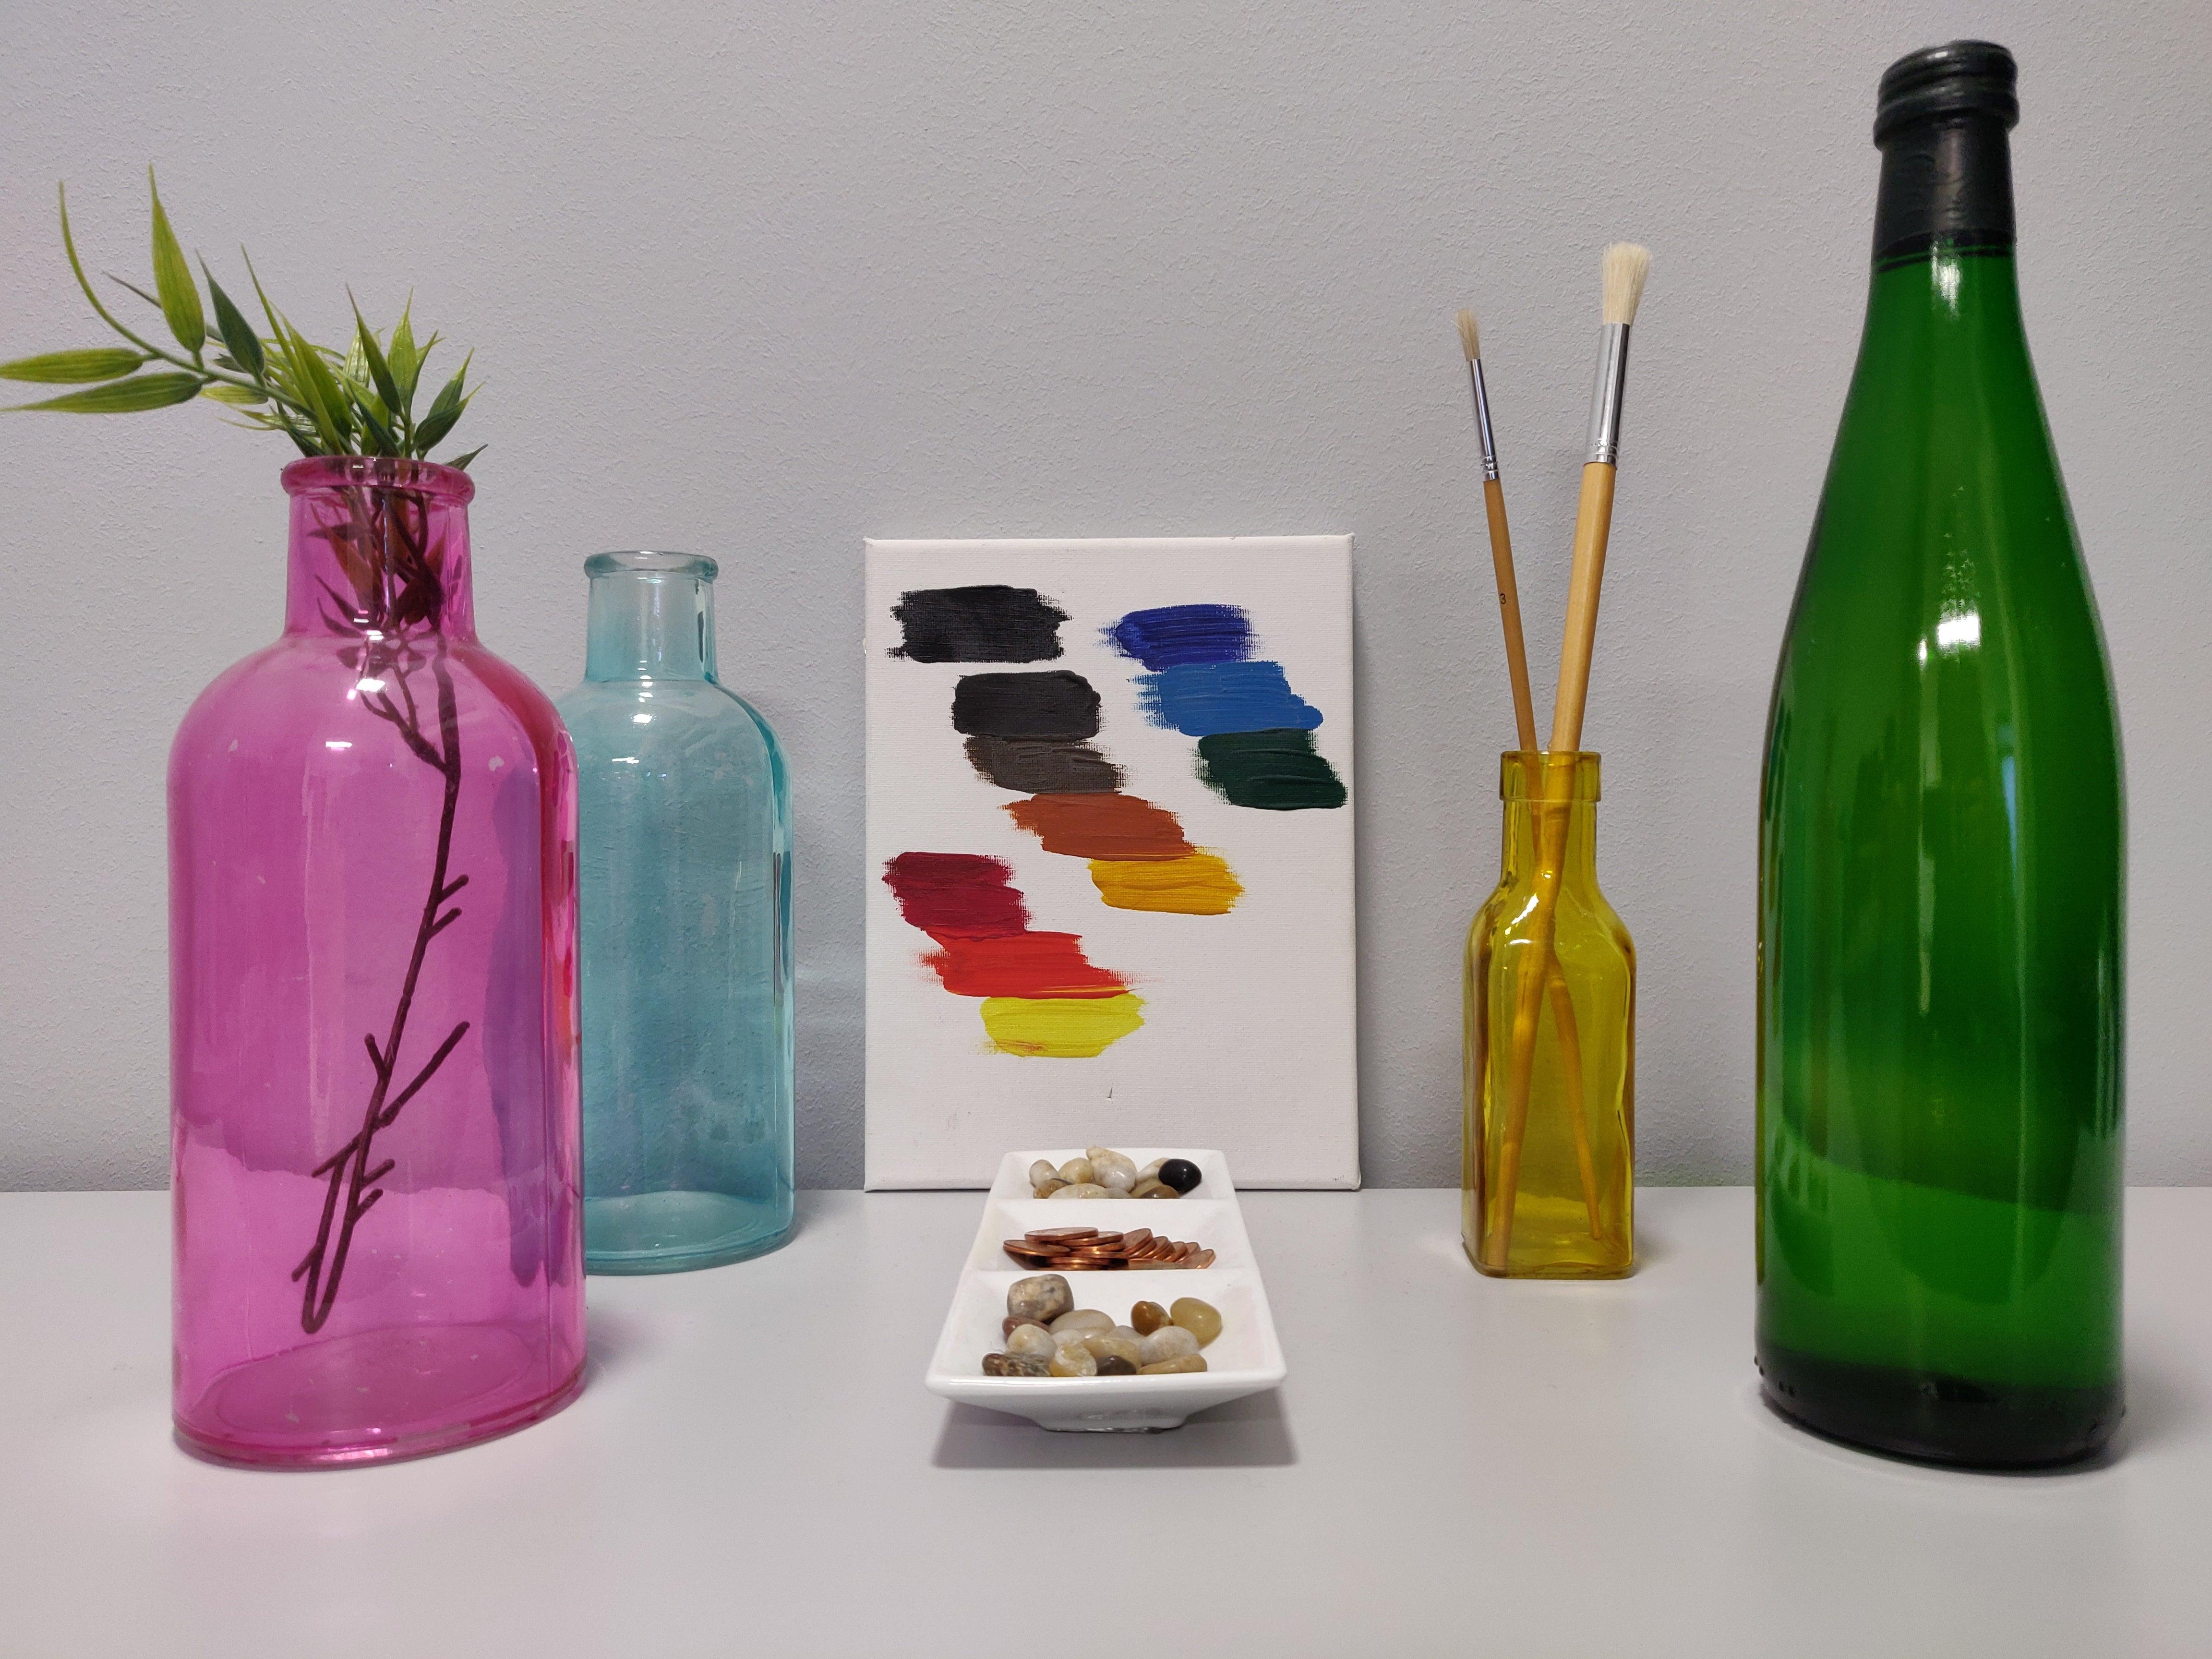 Flaschen, Münzen und Farbtafel, fotografiert mit dem OnePlus 6T ohne Blitz